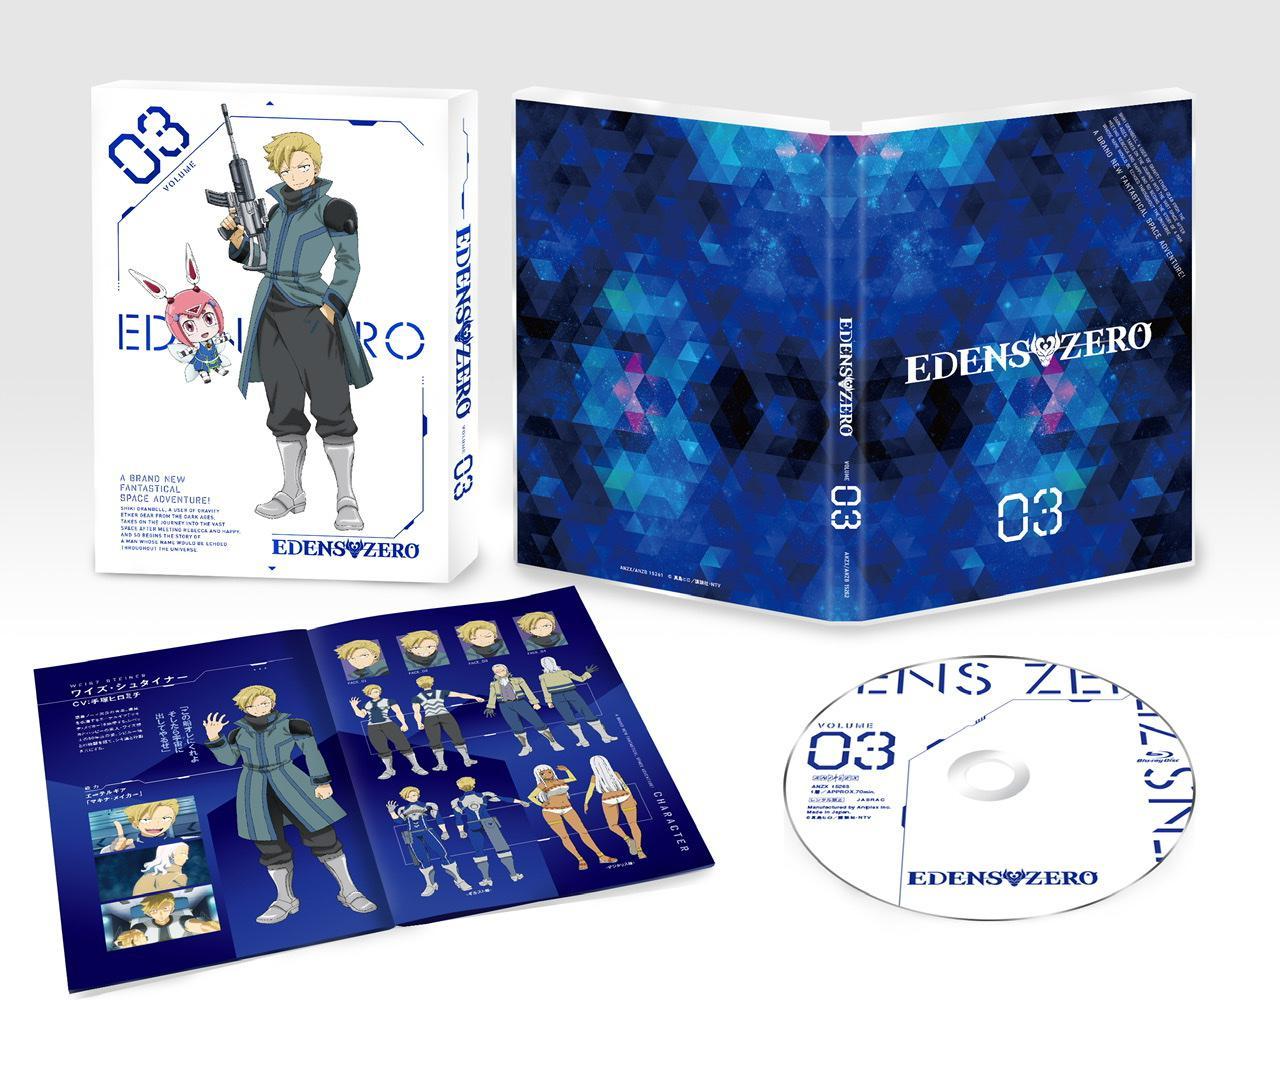 画像2: ★『EDENS ZERO(エデンズゼロ)』パッケージ第3巻情報